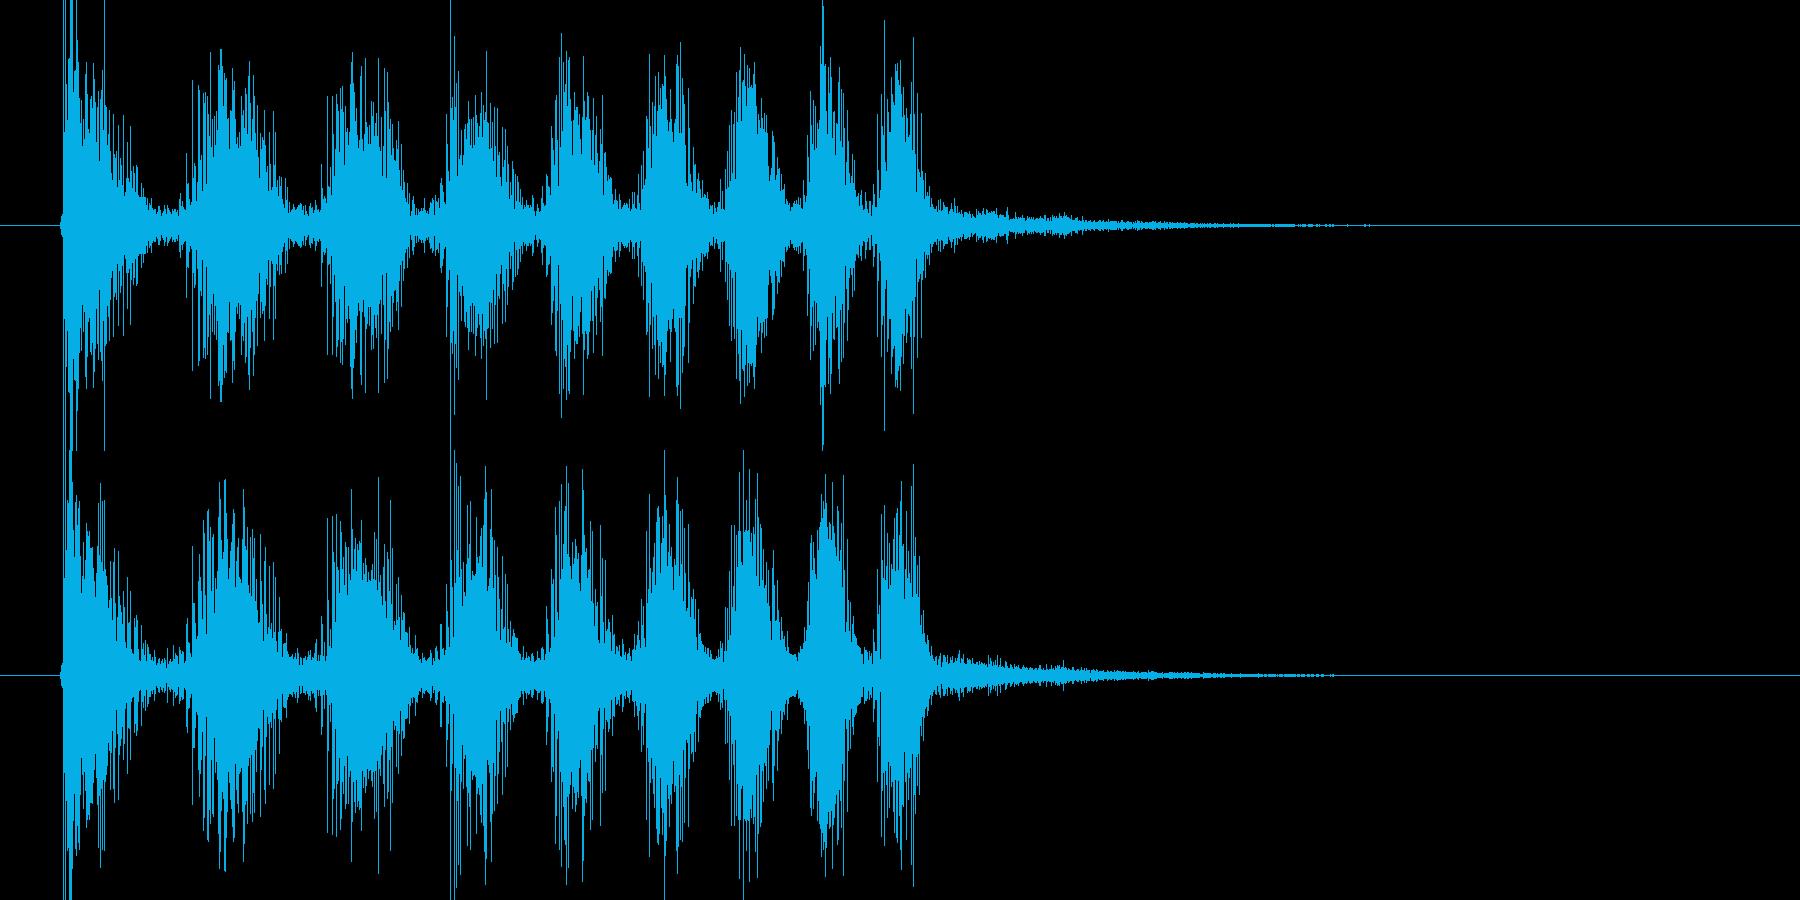 ウヮンウヮン(上昇音)の再生済みの波形